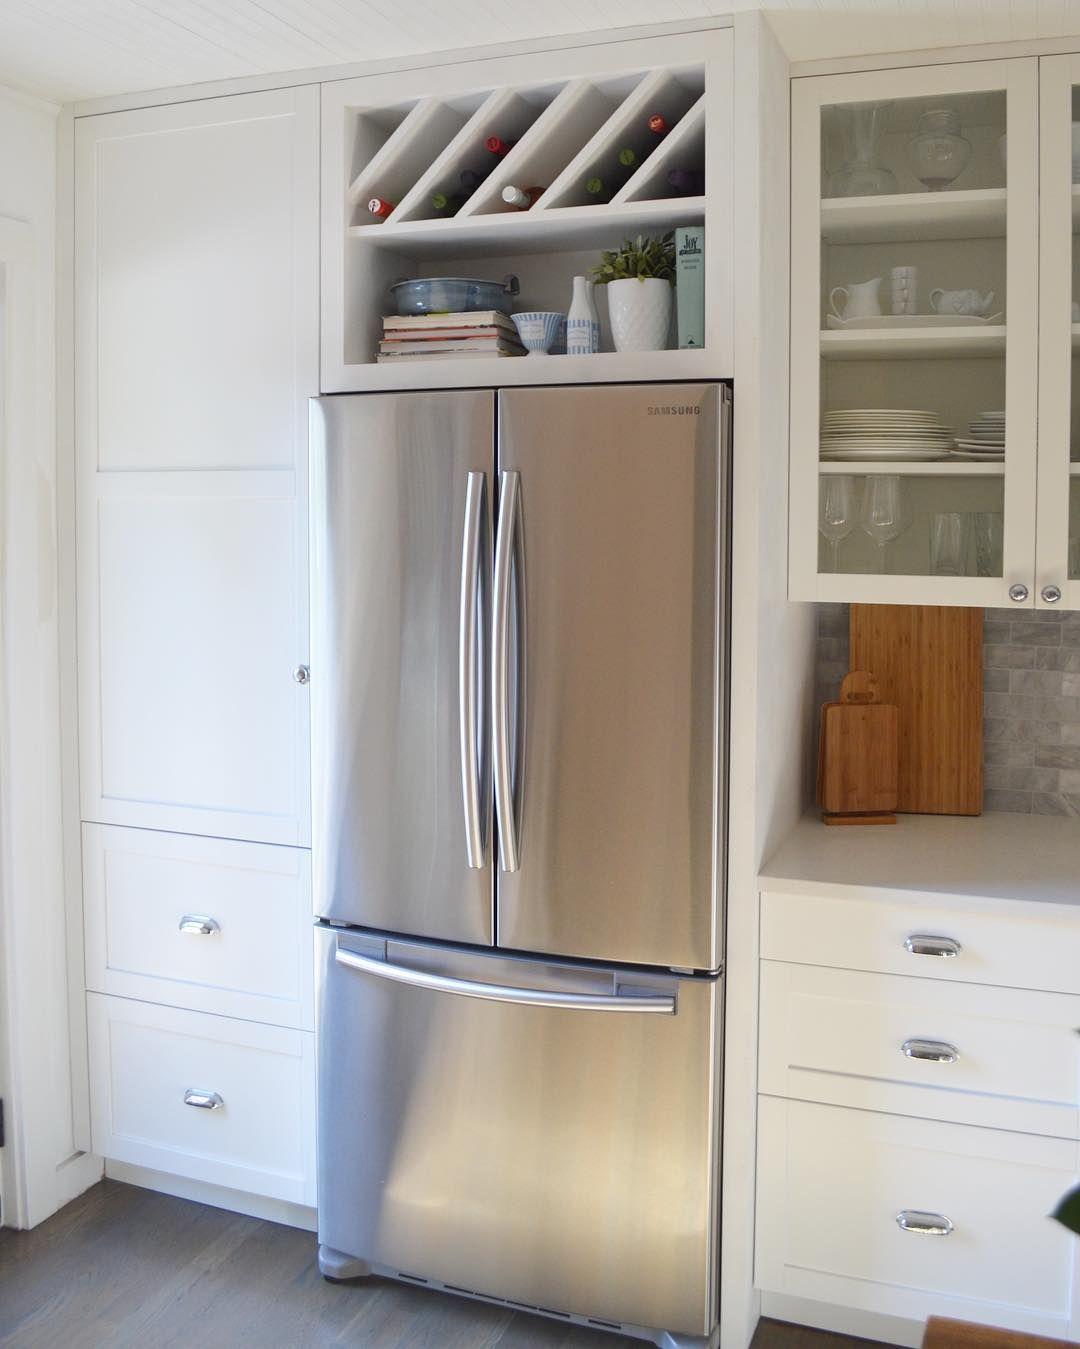 Kitchen Cabinets And Fridge Surround Boston Kitchen Remodel Small Home Kitchens Kitchen